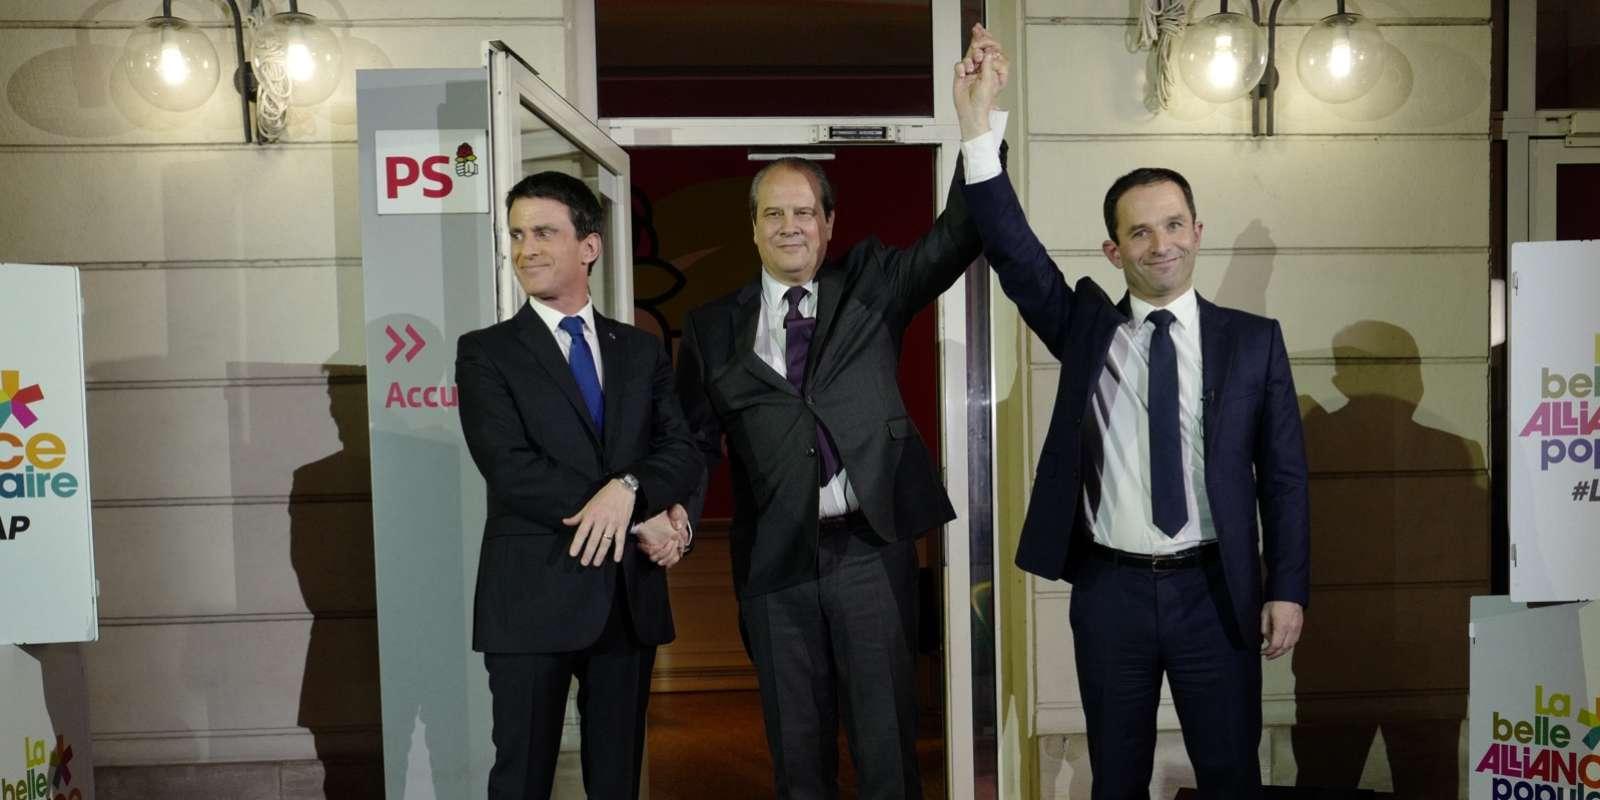 Benoît Hamon, désormais candidat du PS à la présidentielle, a brièvement serré la main de Manuel Valls, son adversaire au second tour de la primaire élargie, sur le perron du siège du Parti socialiste à Paris le soir du 29 janvier.Cette poignée de main qui s'est déroulée devant un parterre de caméras et photographes, n'a duré que quelques secondes, sous le patronage de Jean-Christophe Cambadélis, premier secrétaire du PS.